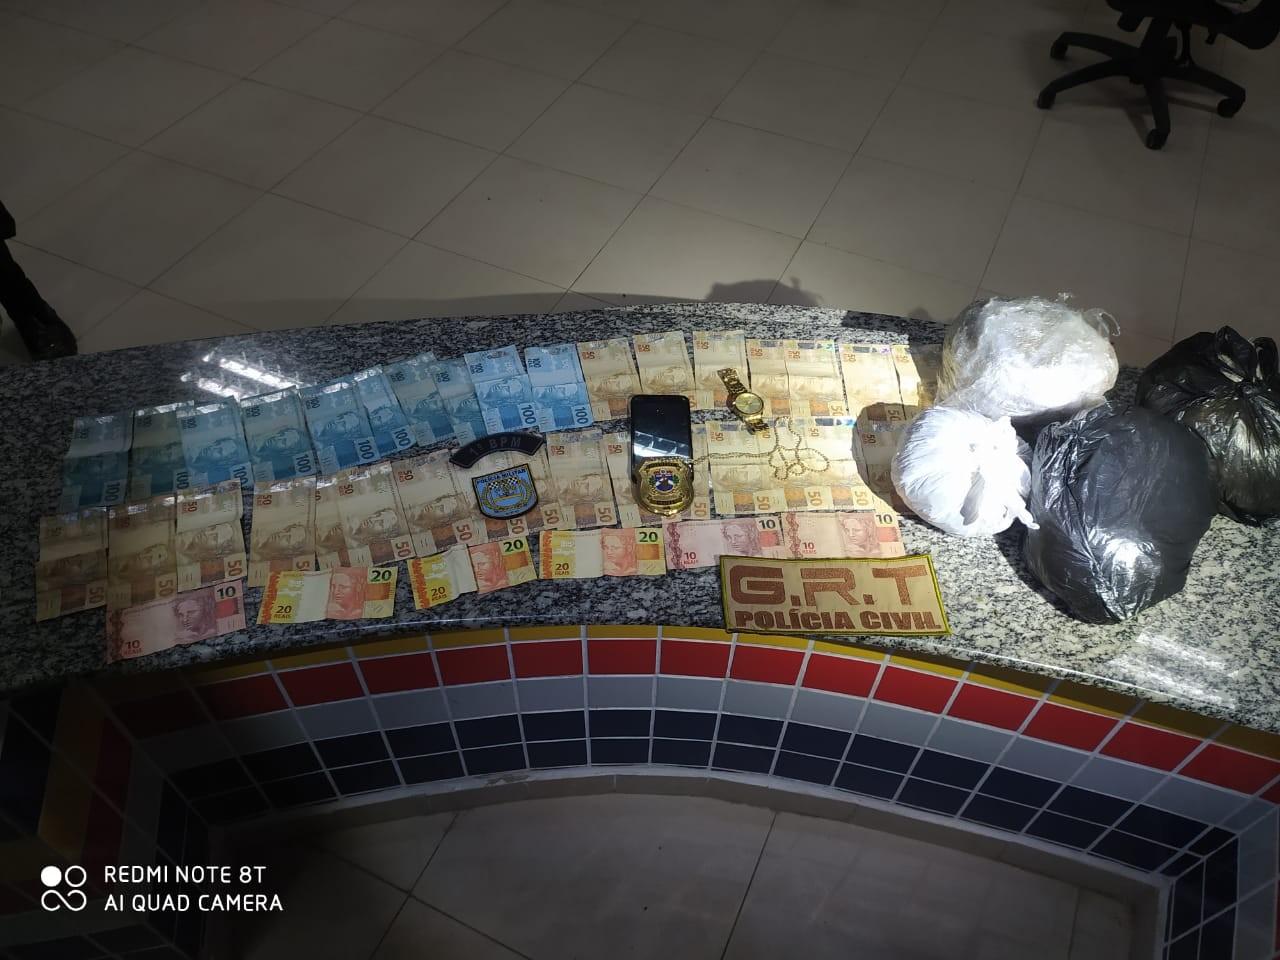 Traficantes furam bloqueio de fiscalização e acabam presos com maconha da Guiana no Bonfim, RR